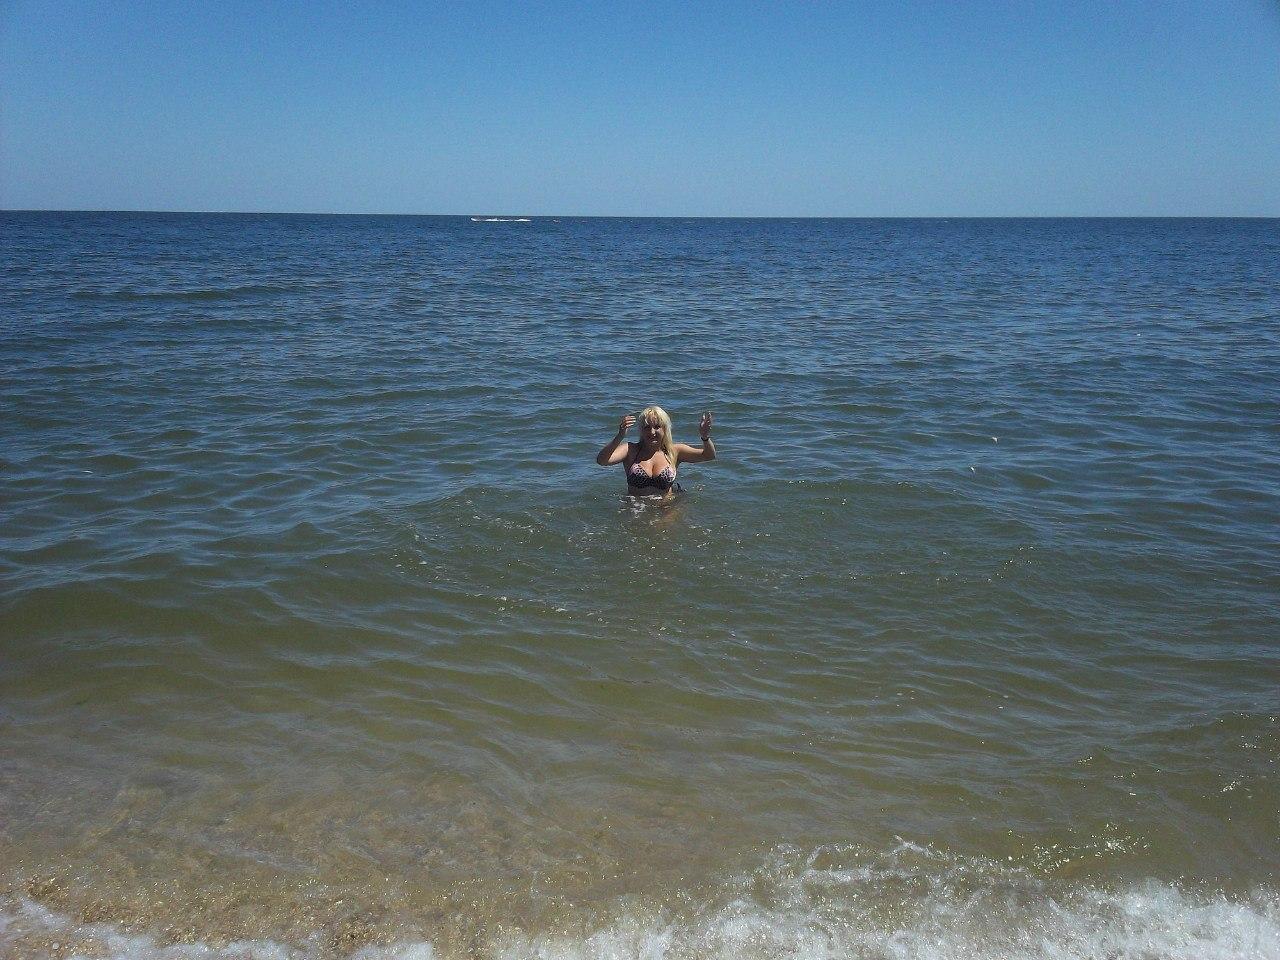 Азовское море. Бердянск. 2012 г. WZgSc0B5yjk